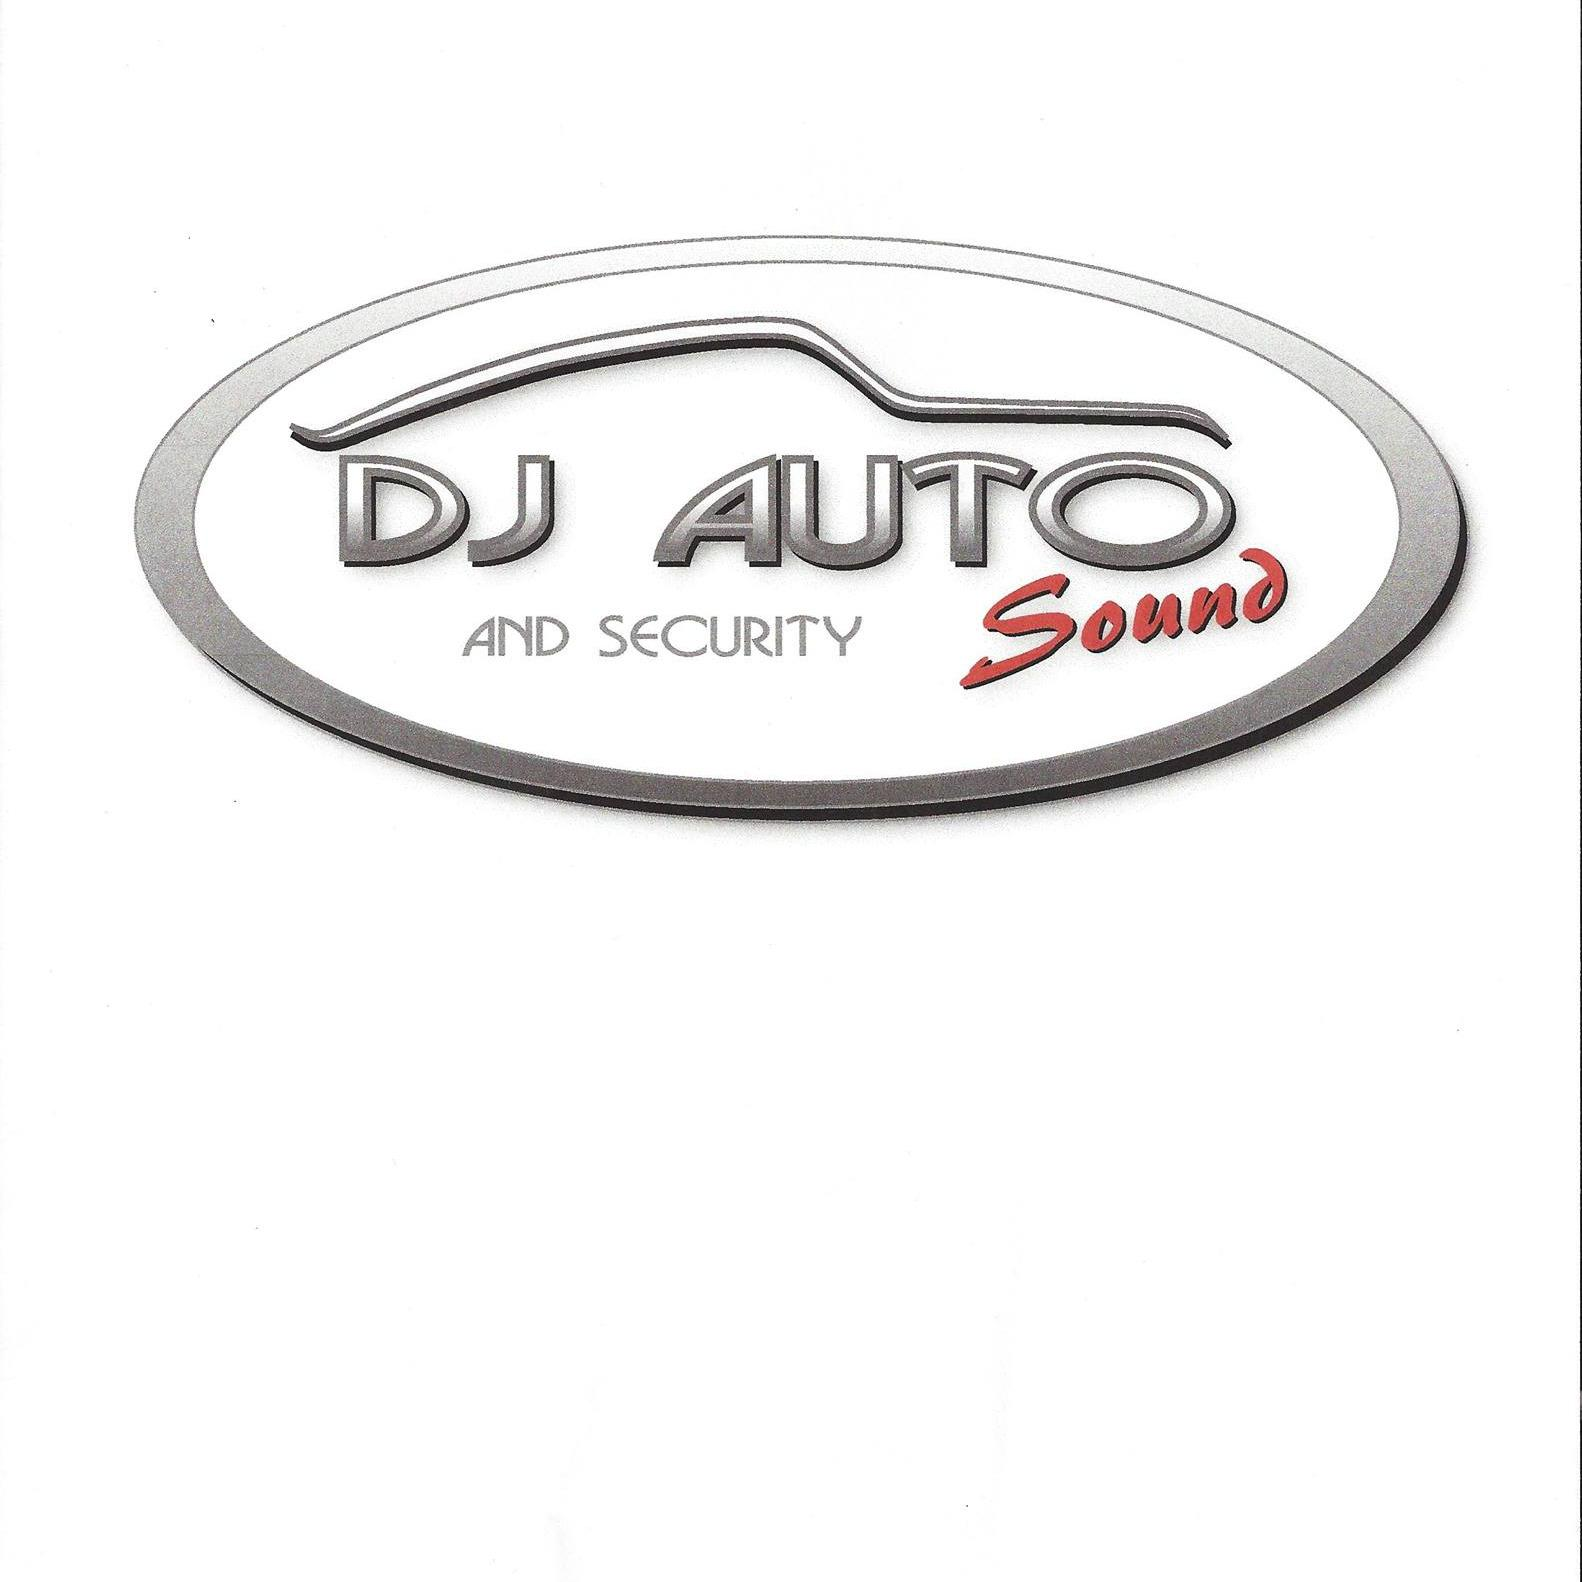 D J Auto Sound & Security Inc